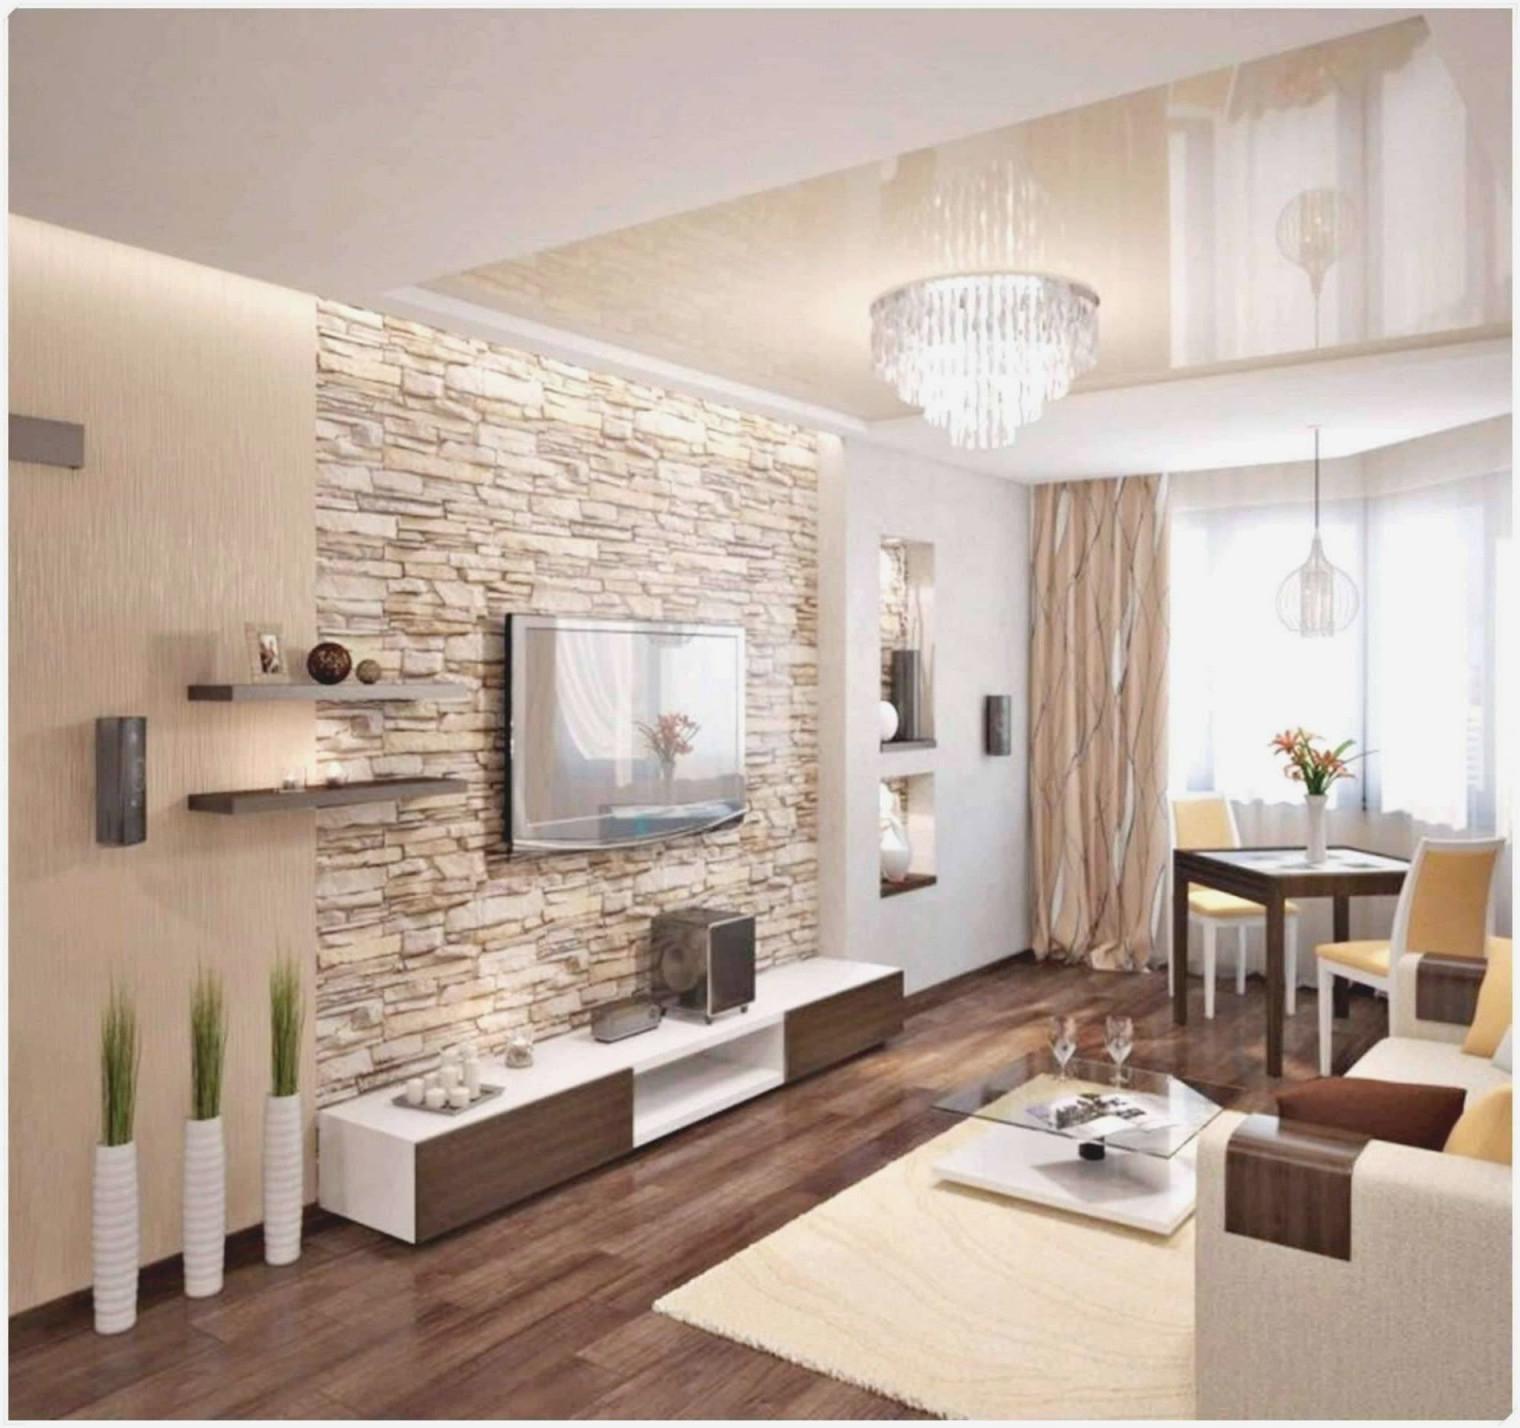 Deko Bilder Fur Wohnzimmer – Caseconrad von Deko Für Das Wohnzimmer Photo